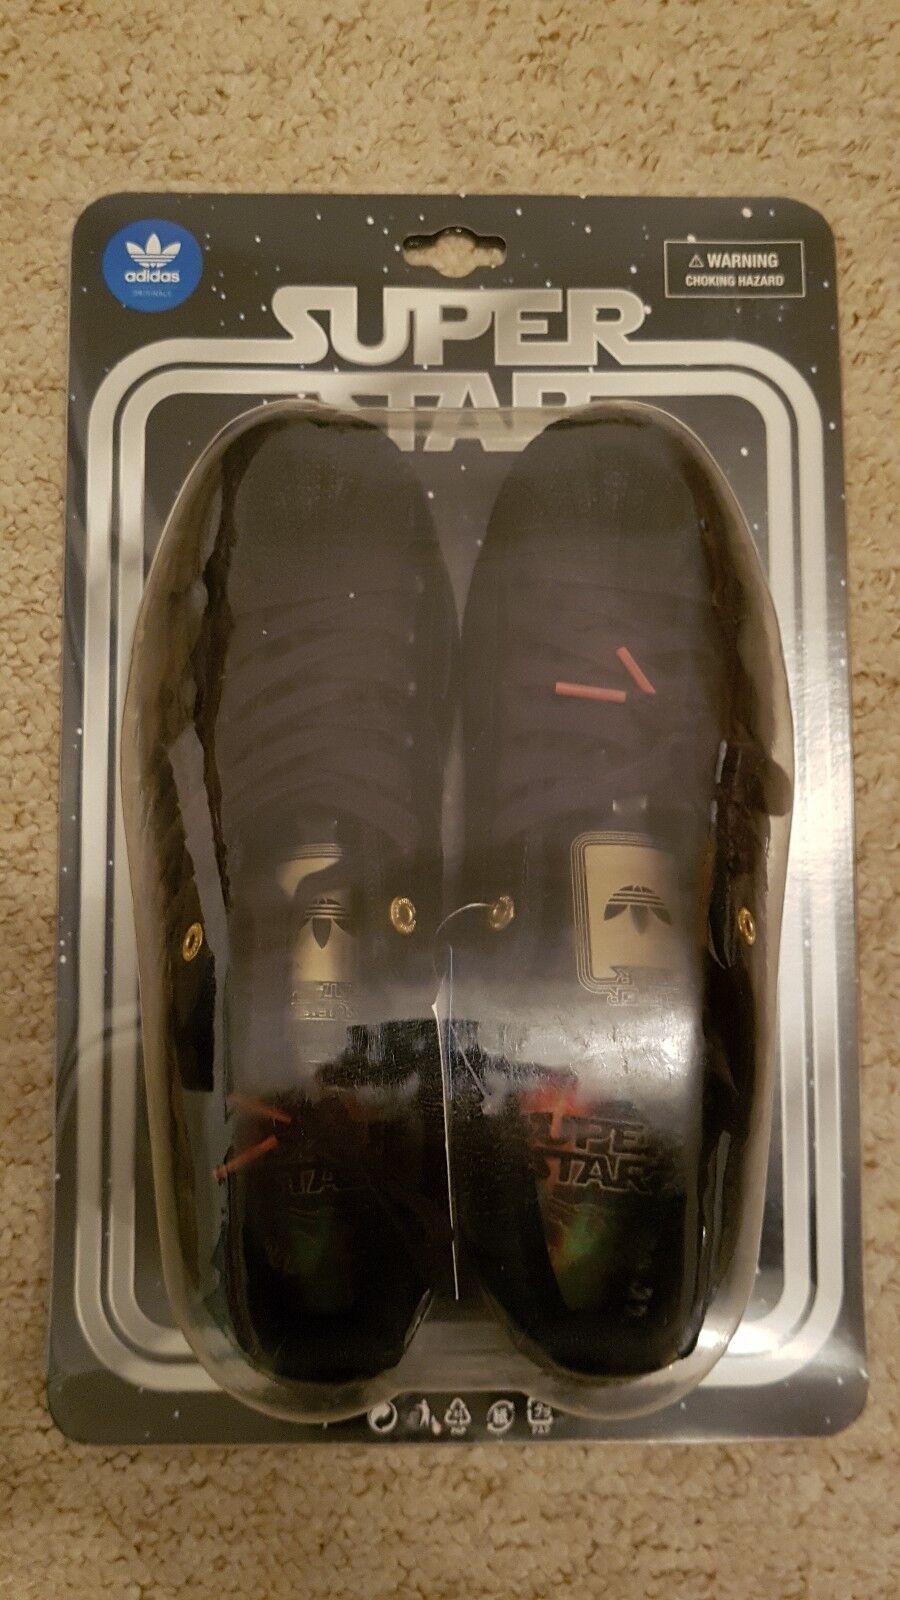 Adidas Superstar Star Wars Darth Vader Ltd Edition SHELL TOE 800 PAIA Originals